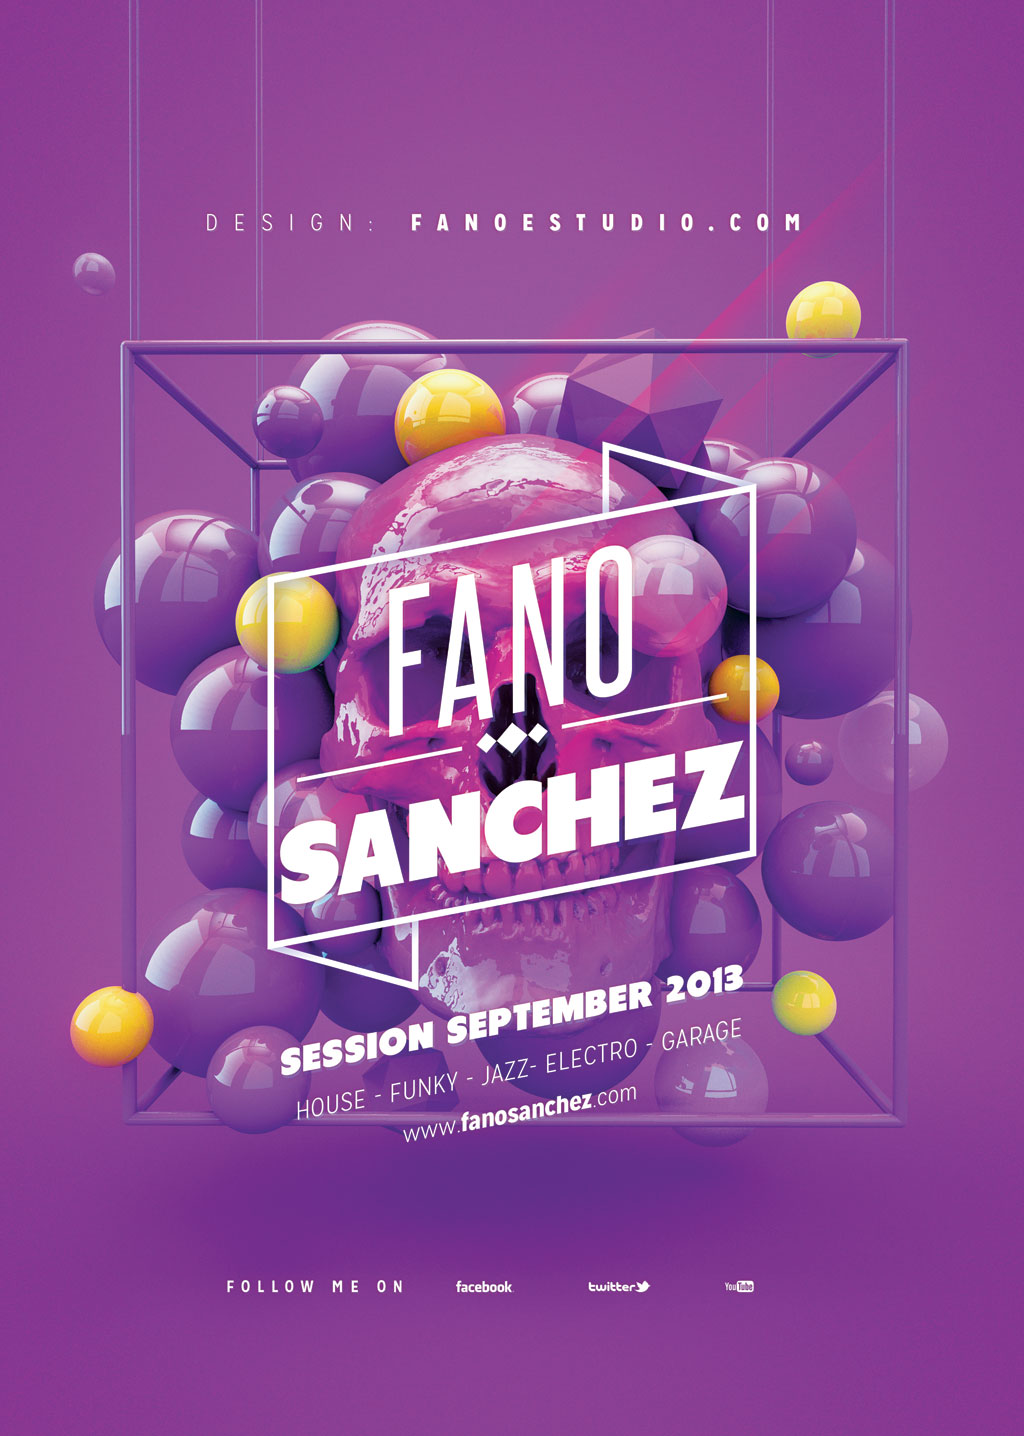 Fano Sánchez Session September 2013